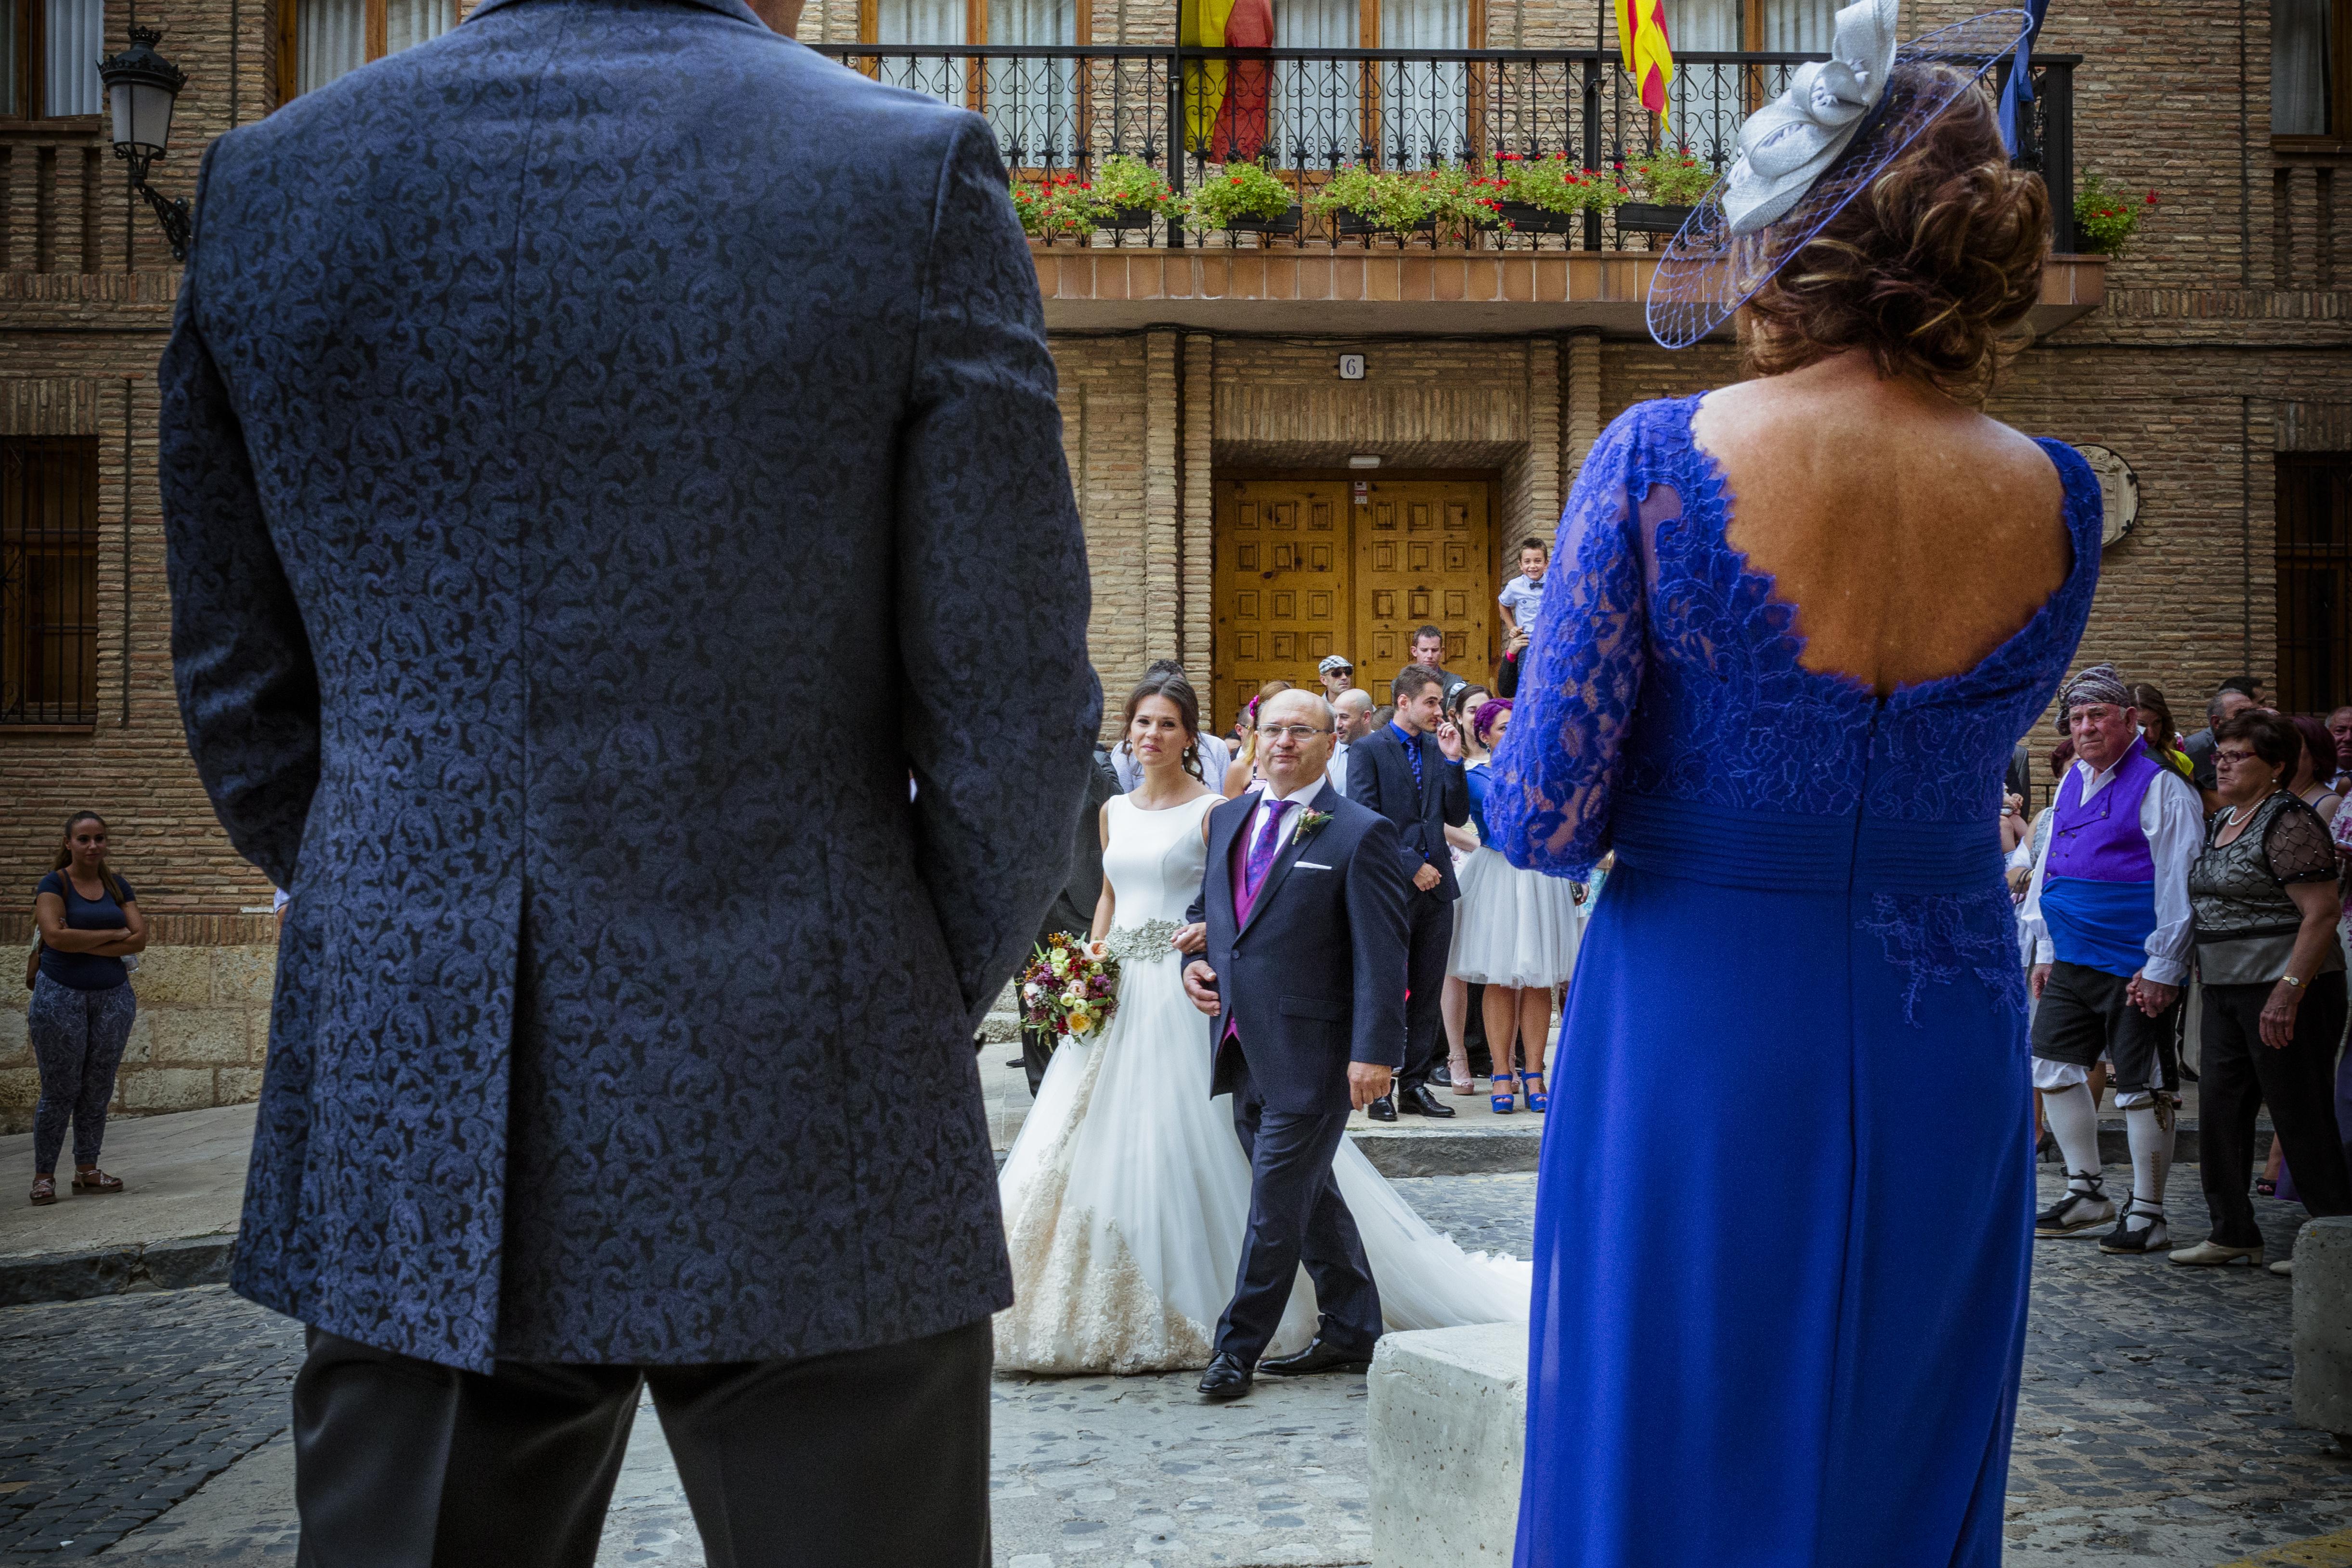 mandarina wedding, fotografos de boda, fotoperiodismo de boda, mejores fotografos de boda, bodas soria, bodas pirineo, bodas Madrid, fotógrafo daroca_14